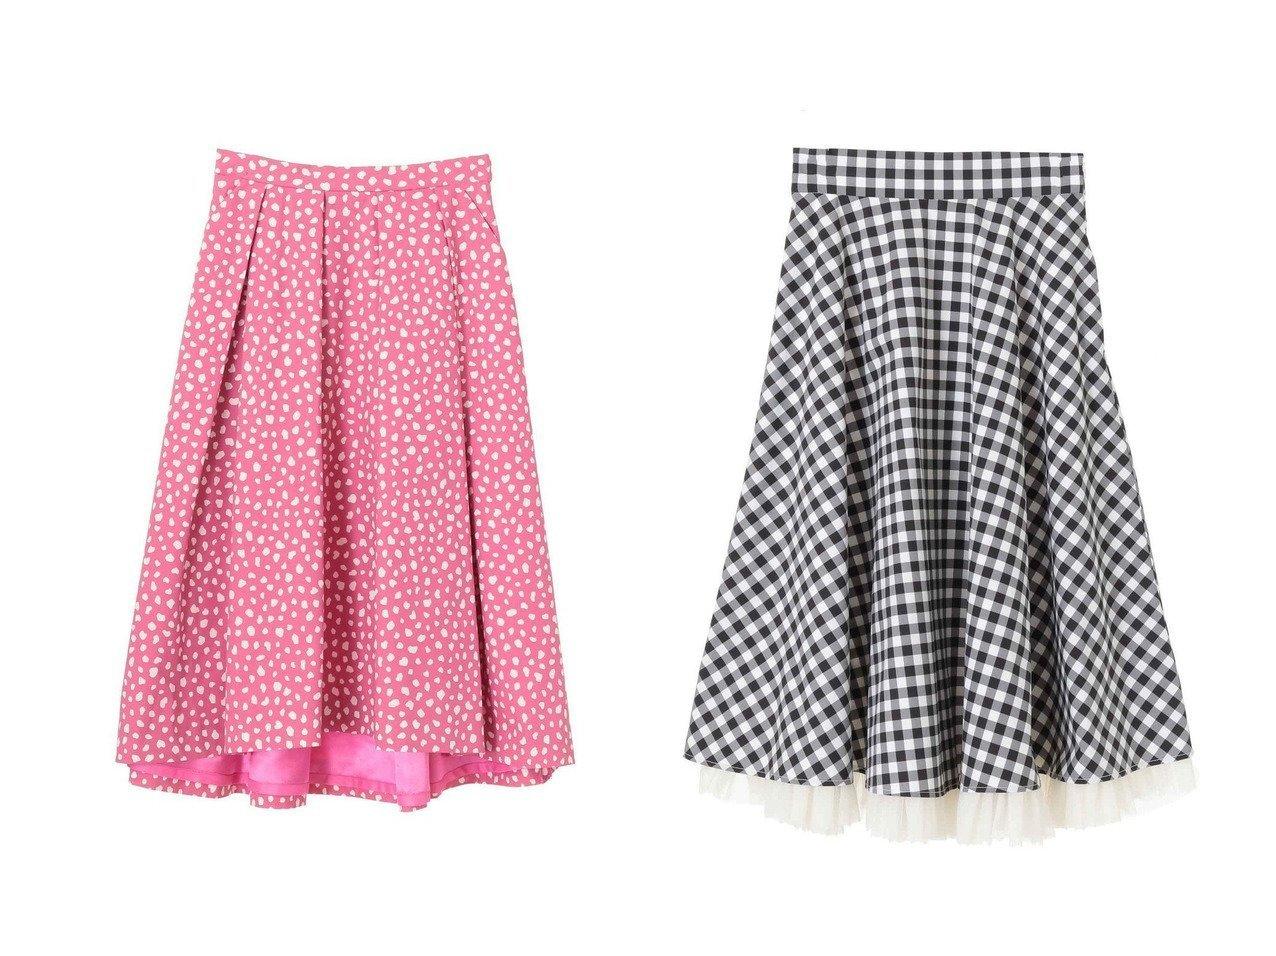 【31 Sons de mode/トランテアン ソン ドゥ モード】の裾チュールミディ丈柄スカート&レオパード柄フレアスカート スカートのおすすめ!人気、トレンド・レディースファッションの通販  おすすめで人気の流行・トレンド、ファッションの通販商品 メンズファッション・キッズファッション・インテリア・家具・レディースファッション・服の通販 founy(ファニー) https://founy.com/ ファッション Fashion レディースファッション WOMEN スカート Skirt Aライン/フレアスカート Flared A-Line Skirts 2020年 2020 2020-2021 秋冬 A/W AW Autumn/Winter / FW Fall-Winter 2020-2021 2021年 2021 2021 春夏 S/S SS Spring/Summer 2021 コンビ ドット フレア レオパード 春 A/W 秋冬 AW Autumn/Winter / FW Fall-Winter |ID:crp329100000009765